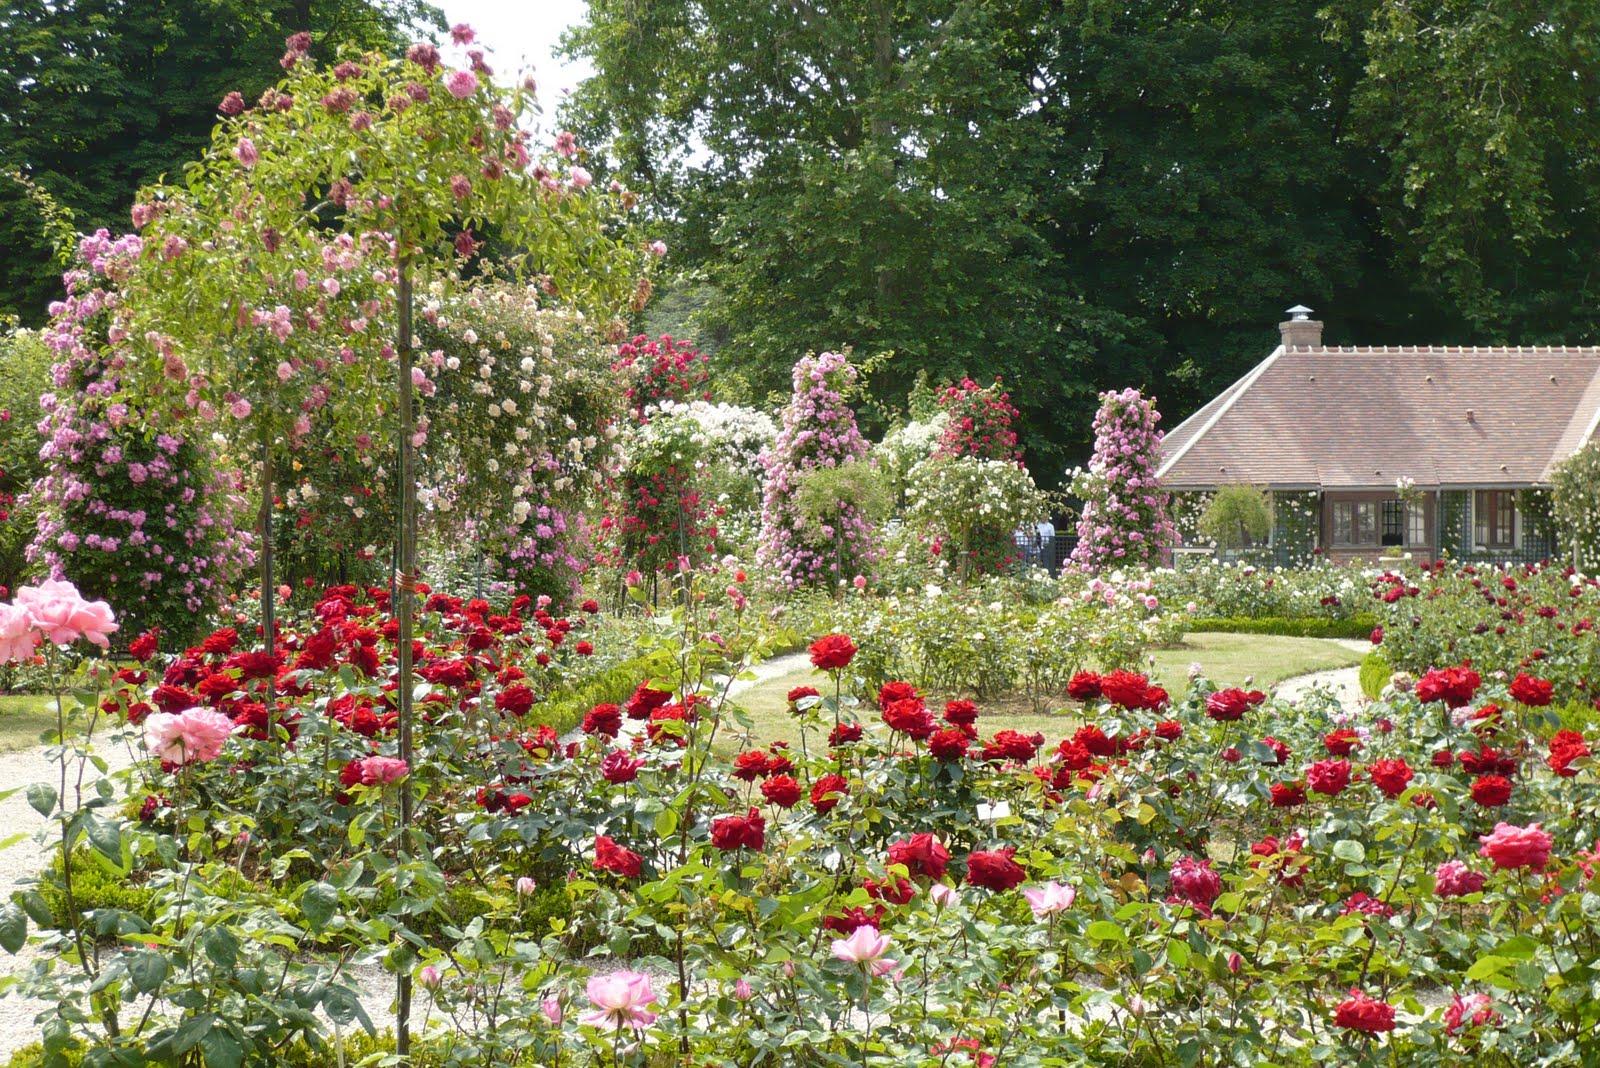 le jardin de pacalou un jardin de roses. Black Bedroom Furniture Sets. Home Design Ideas